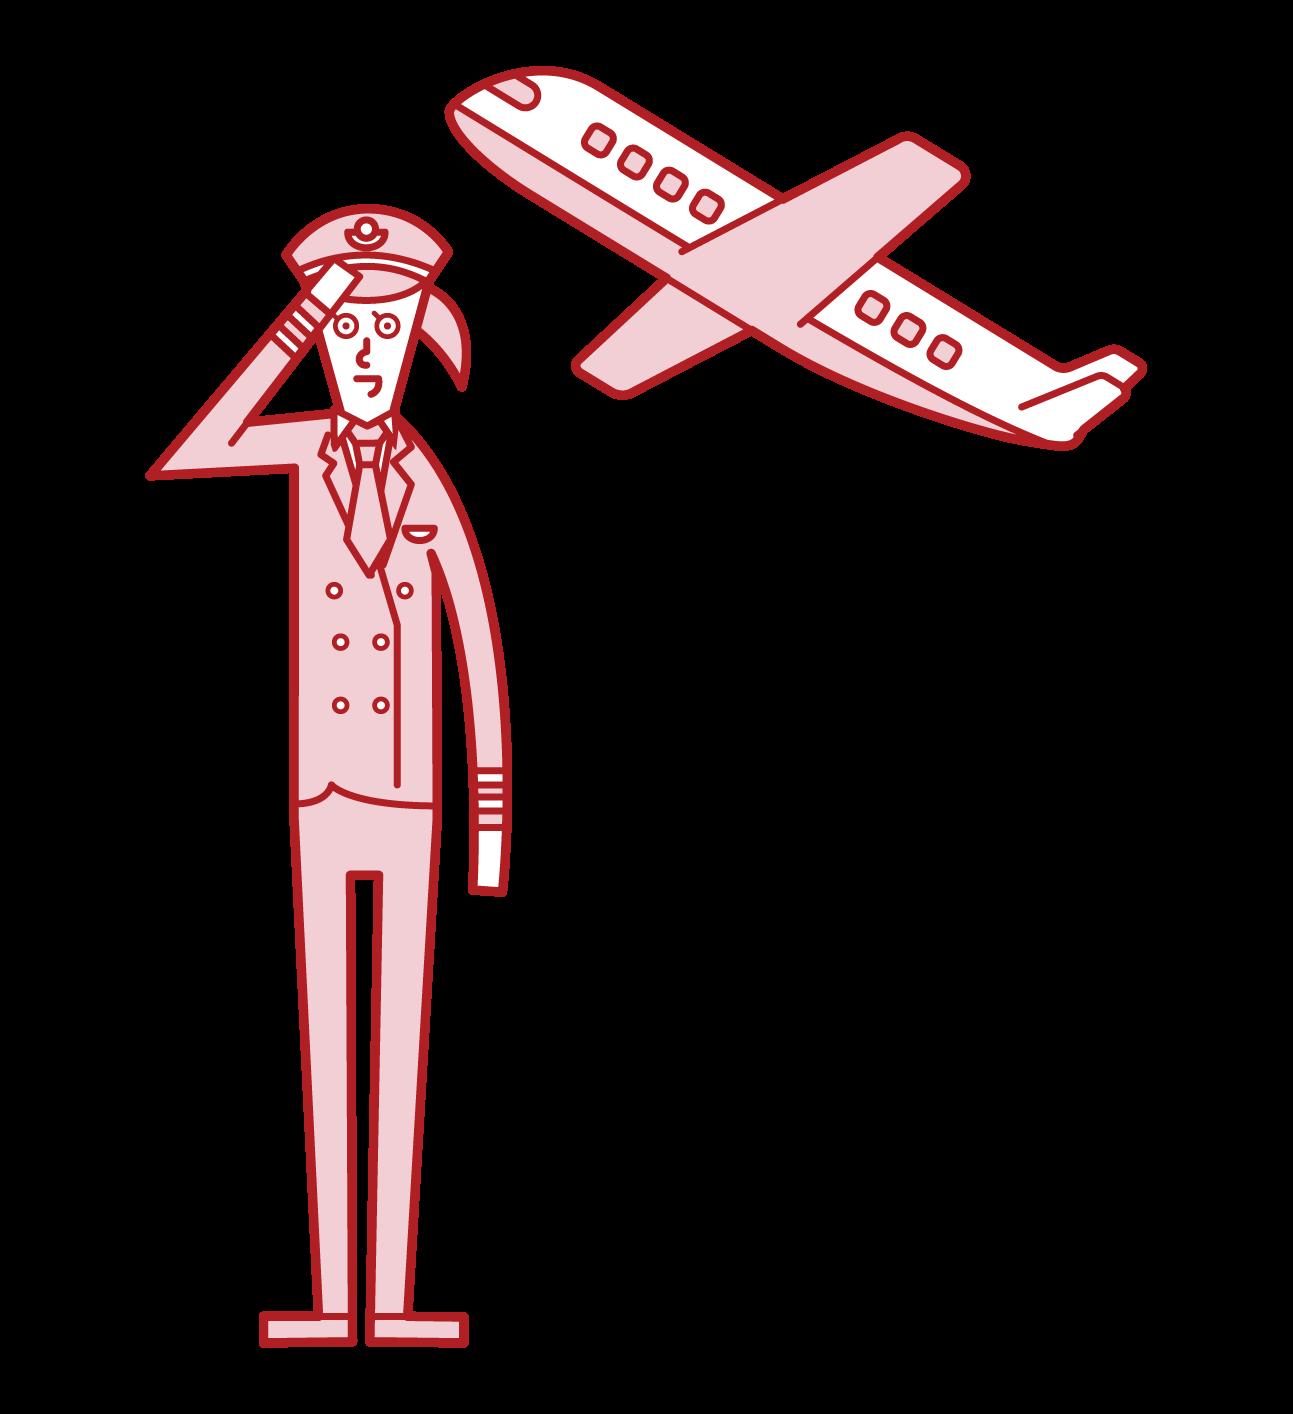 飛行機のパイロット(女性)のイラスト